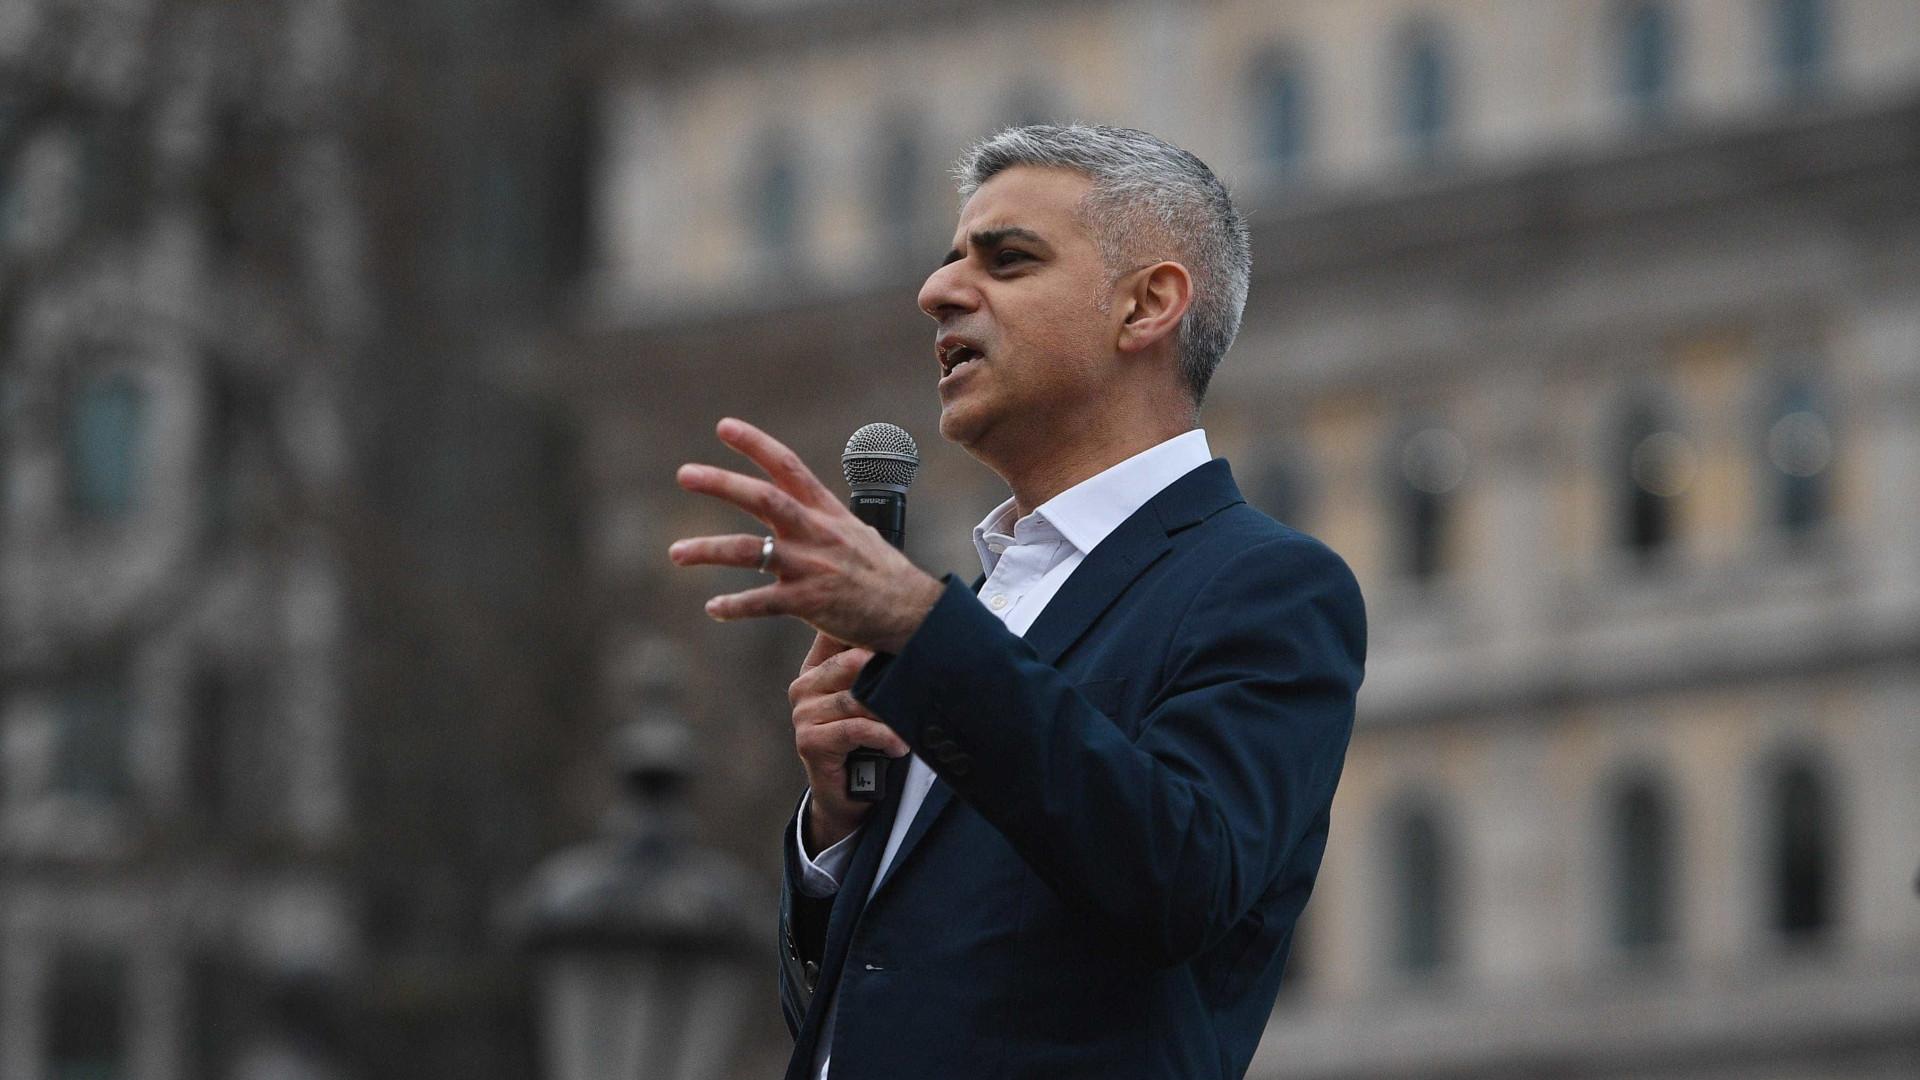 Trump critica prefeito de Londres por pedir calma após ataque